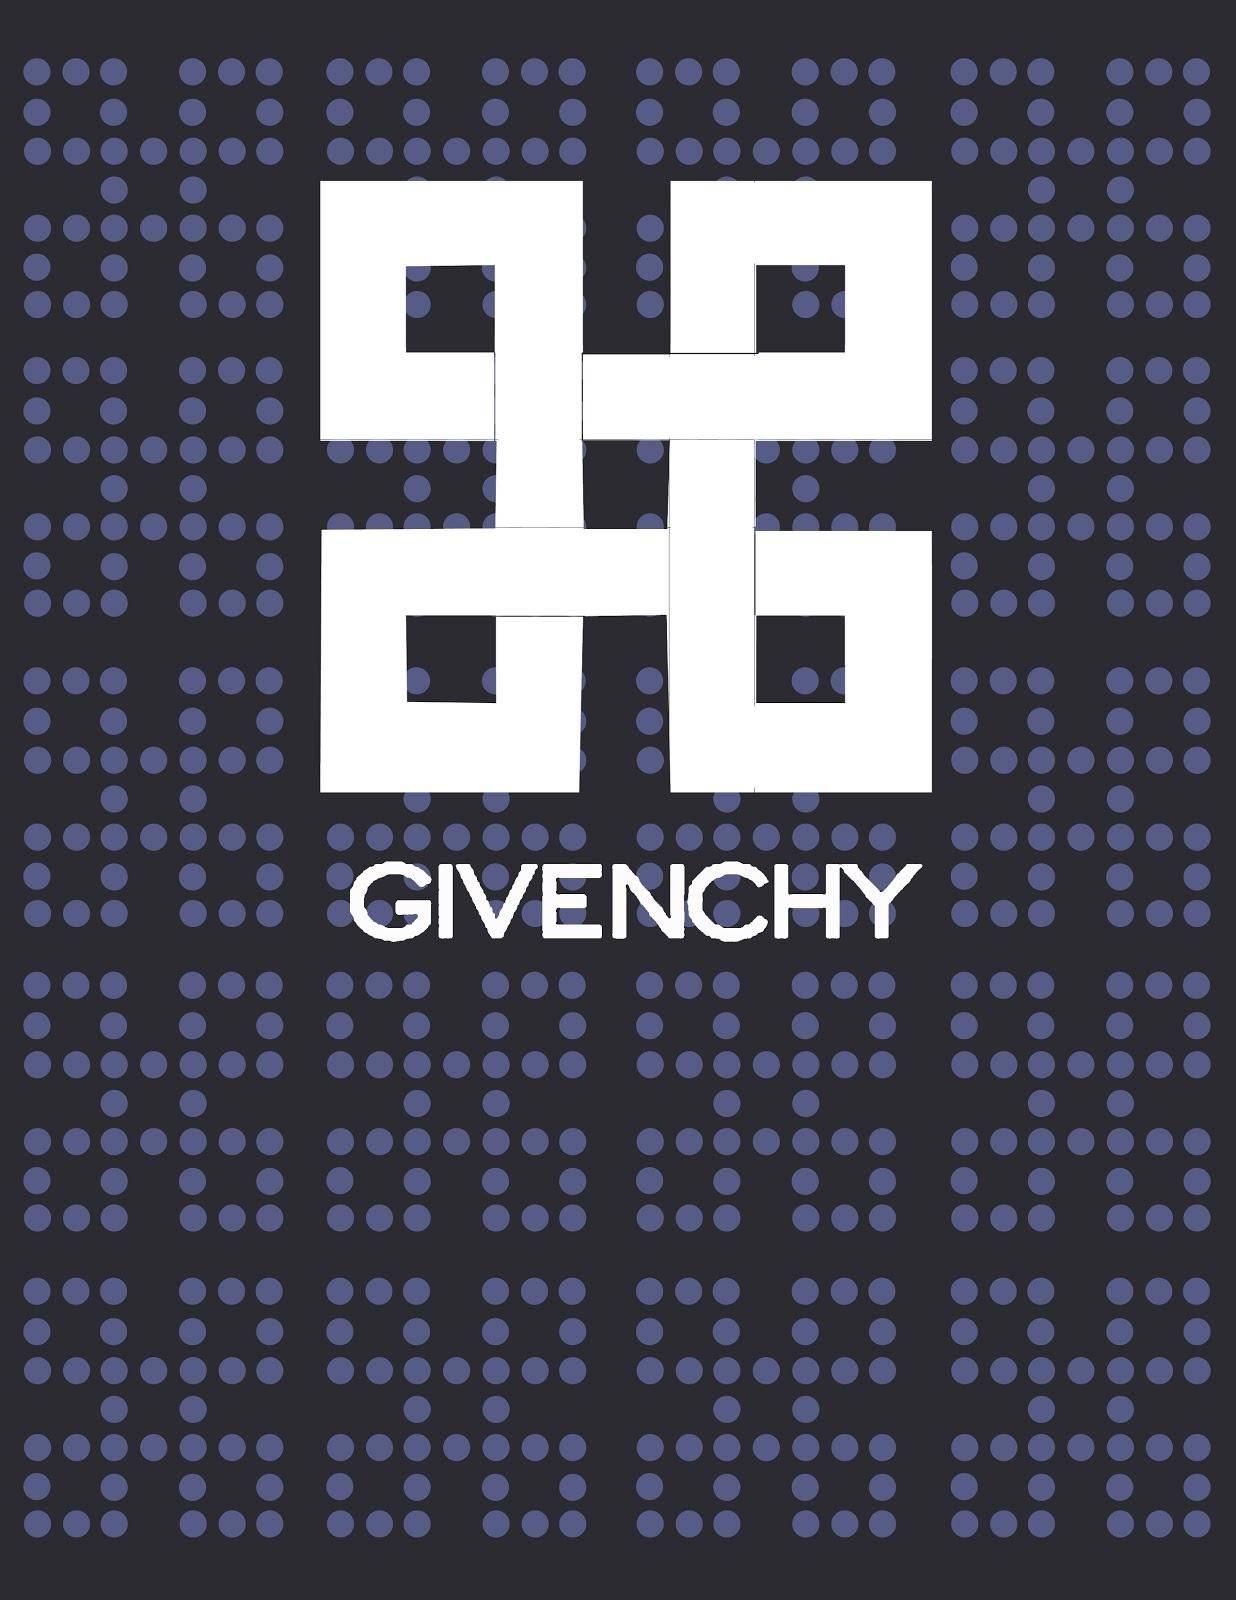 Advertising_Winter2013: Chinbayar Davaatseren, Final Givenchy